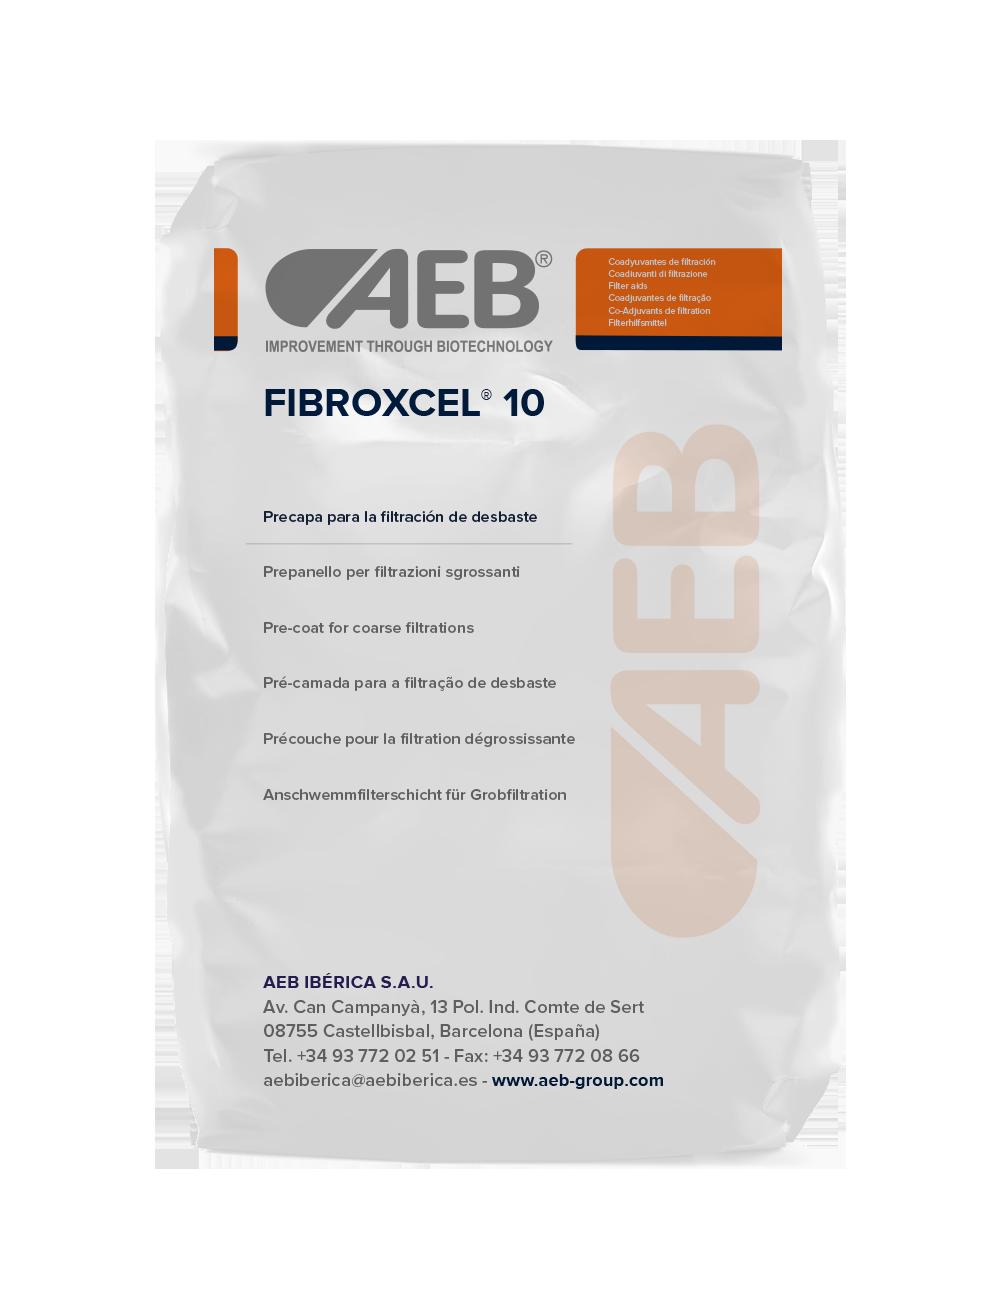 FIBROXCEL® 10